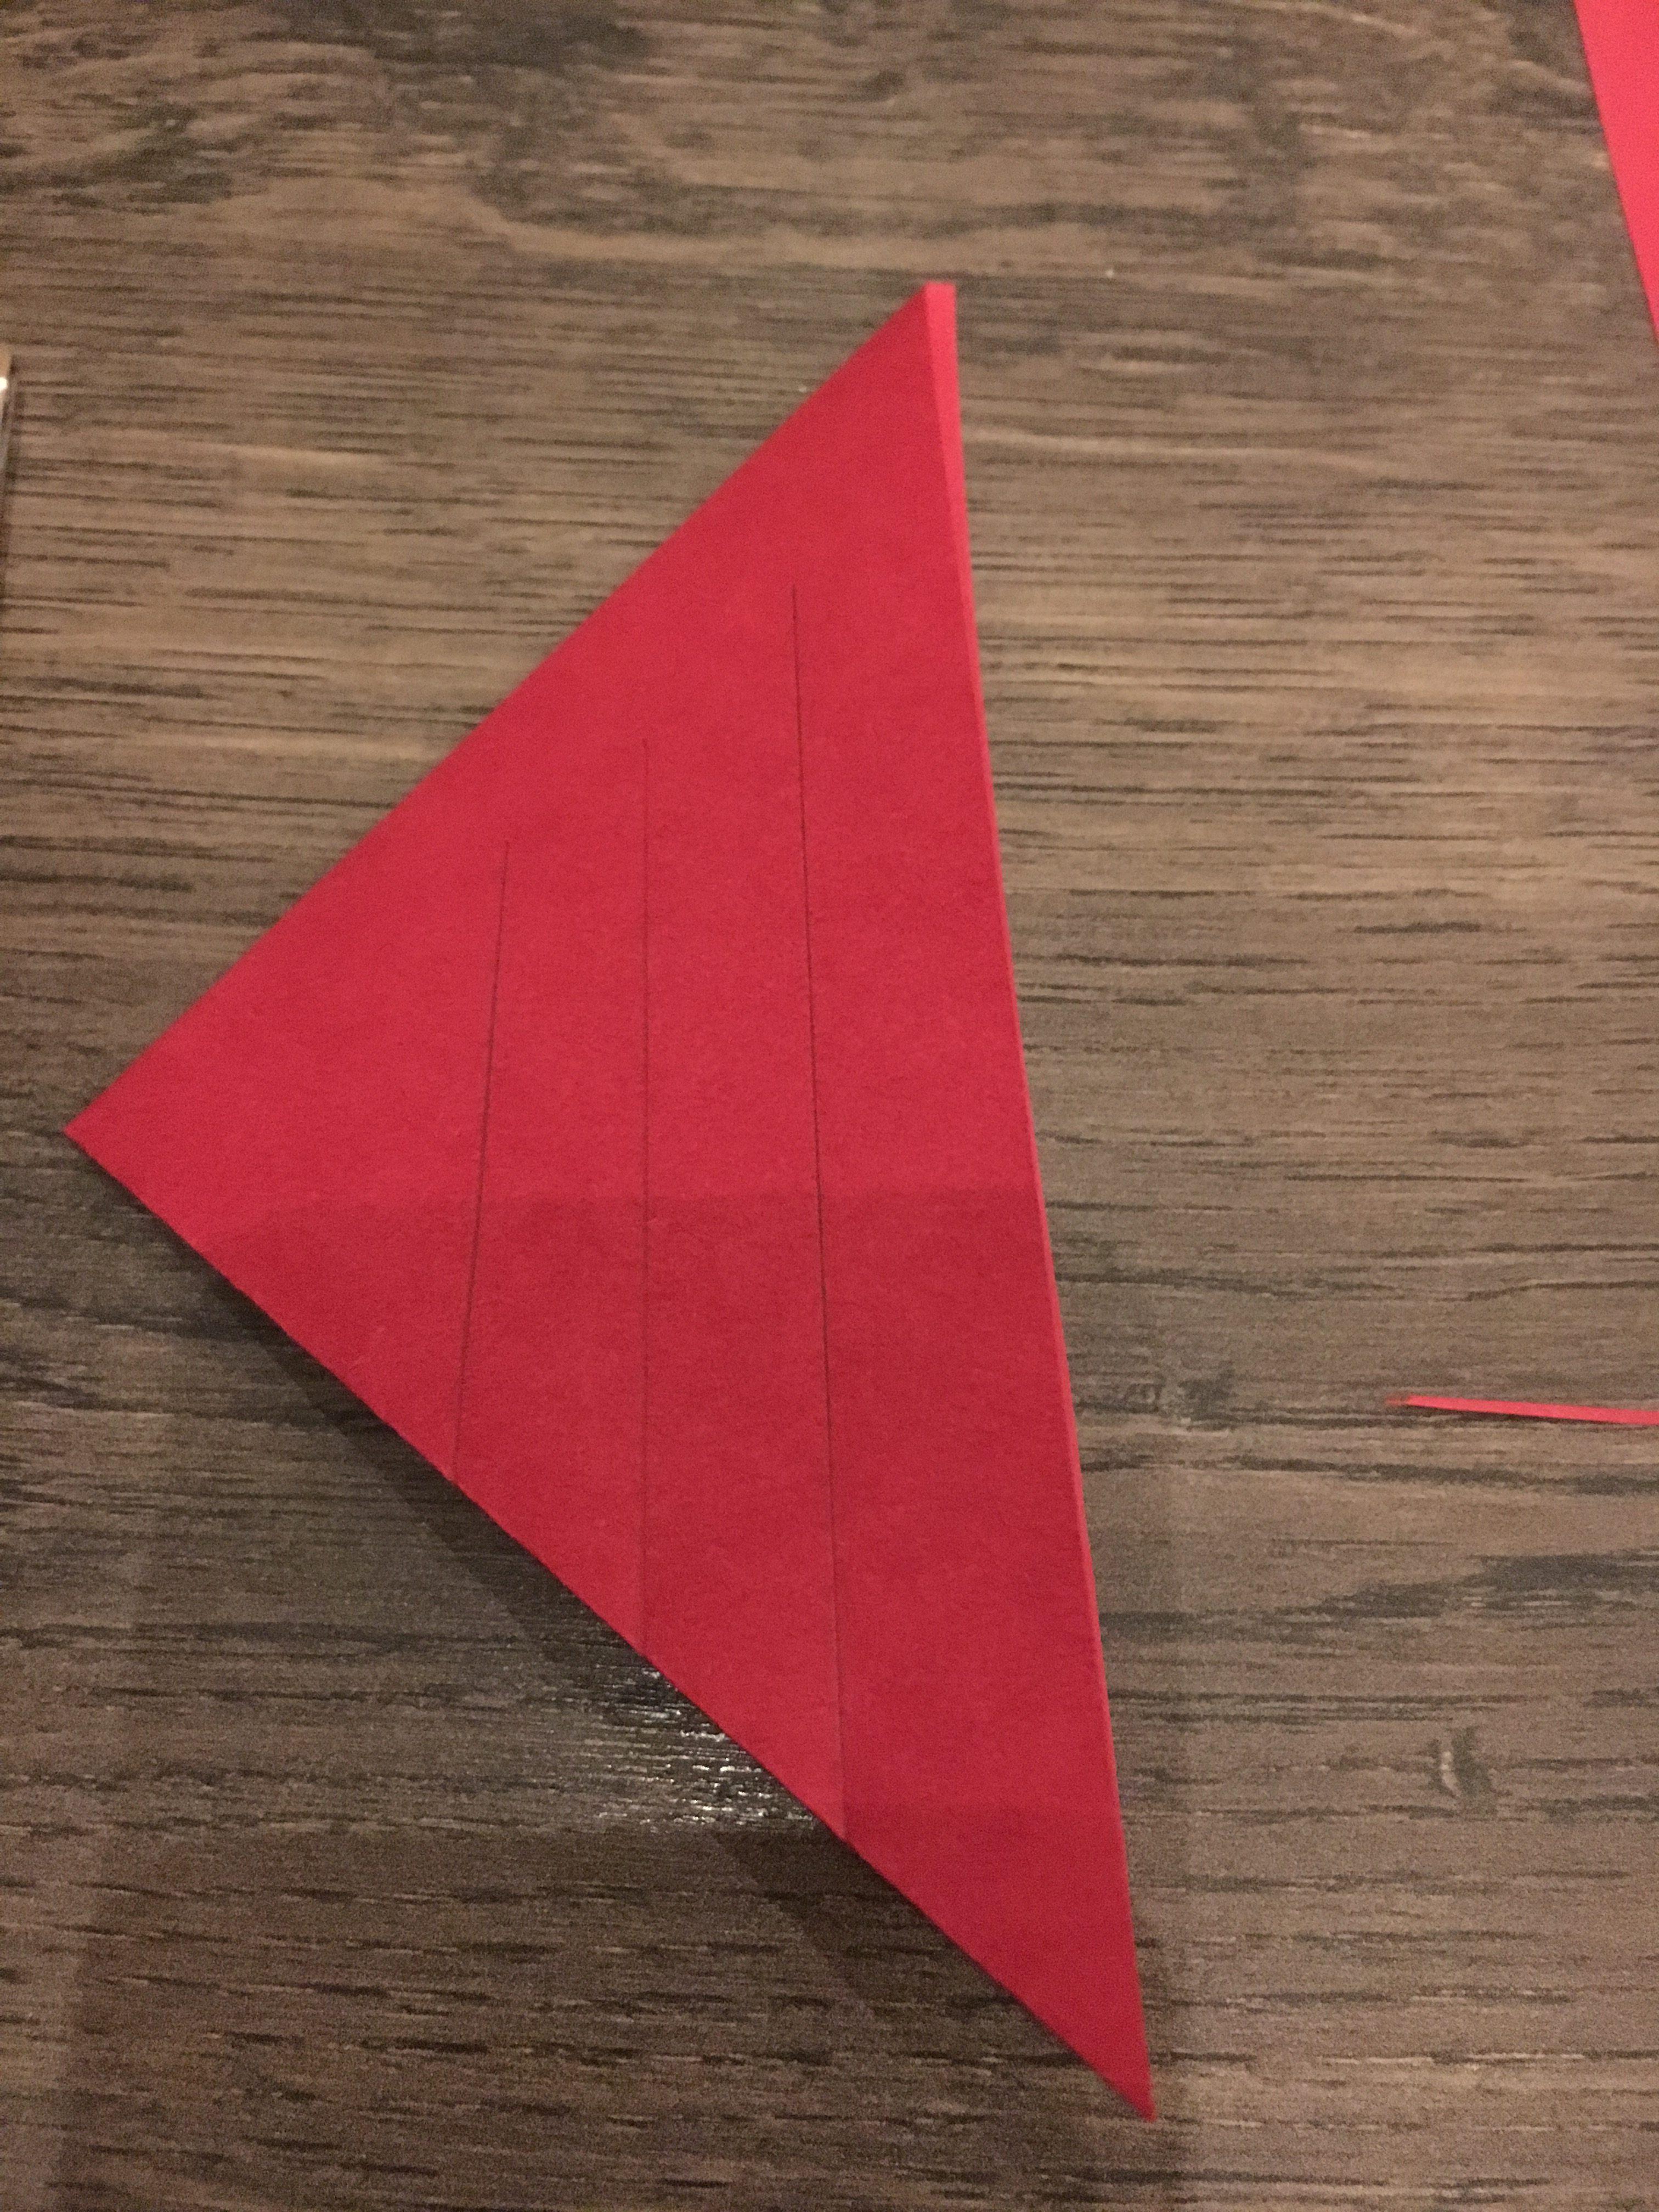 tegn 3 streger som følger den længste side og starter ved de 2 folede sider. De skal ikke rsamme kanten for oven